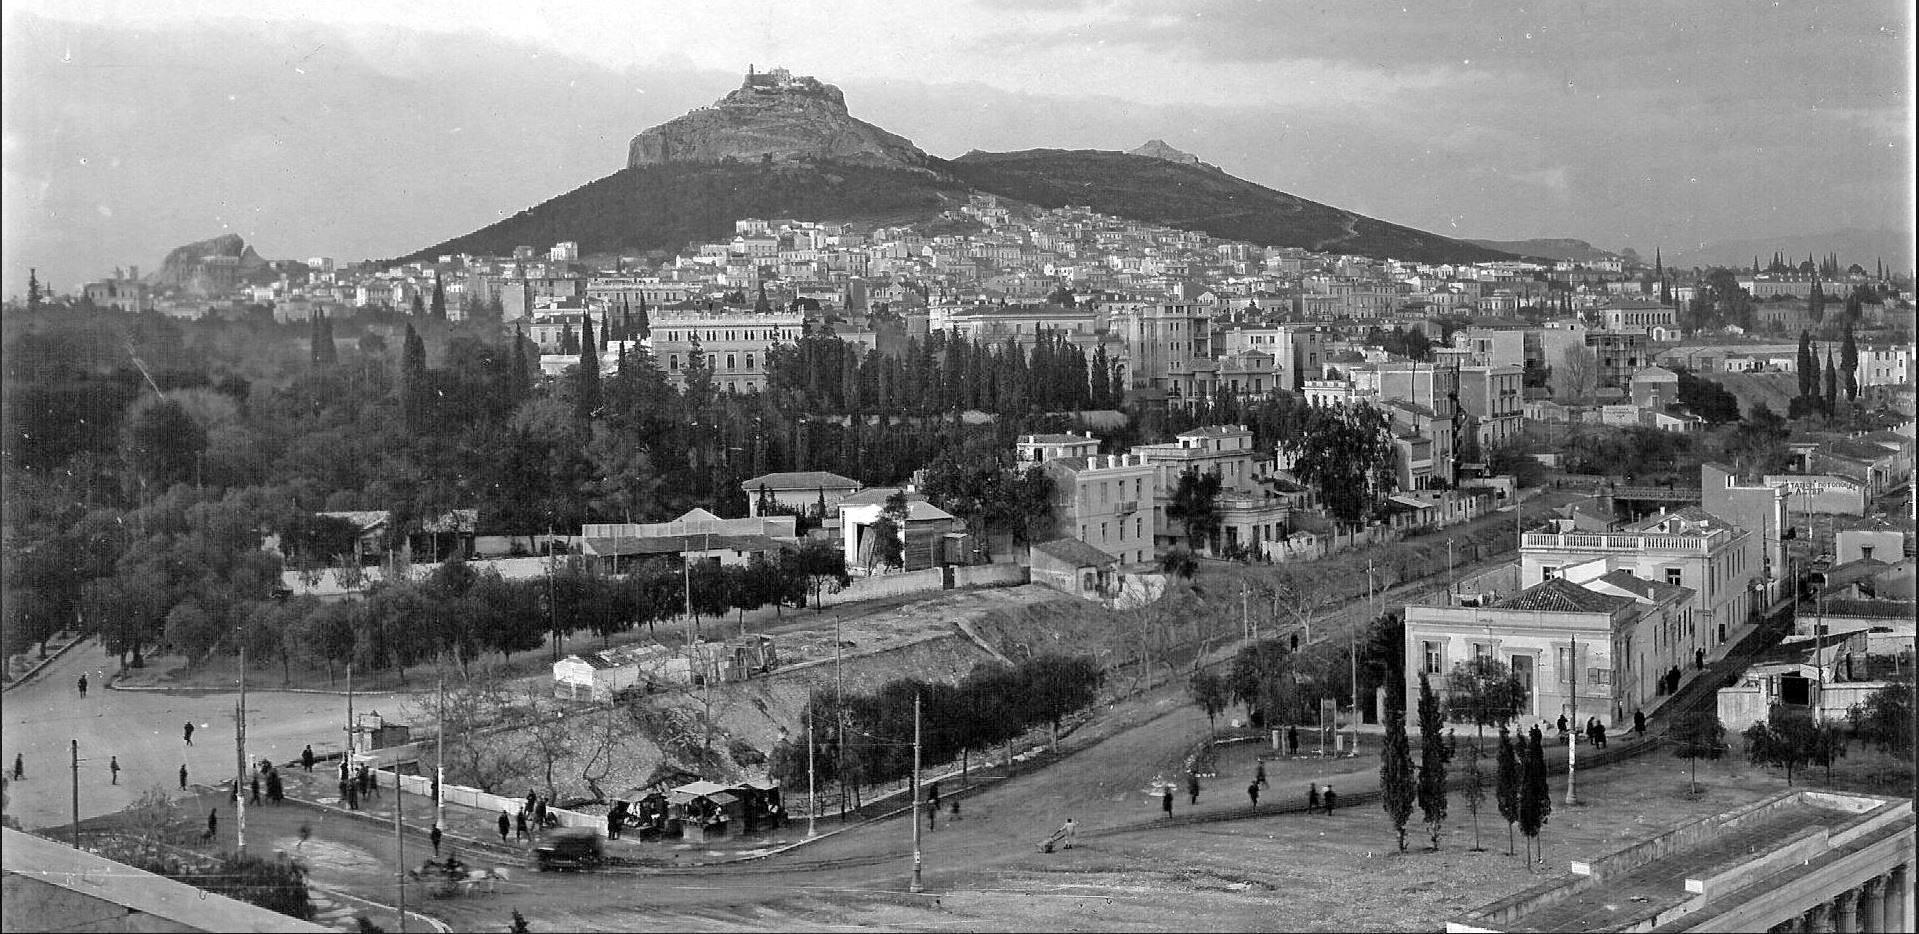 """Στα 1900 διέσχιζαν το λεκανοπέδιο 700 χείμαρροι, ποτάμια και ρυάκια. Η Σταδίου ήταν ποτάμι και μπαζώθηκε μαζί με τον αρχαίο Ιλισό, Ηριδανό και Κυκλοβόρο. Από τότε """"βουλιάζουμε"""""""